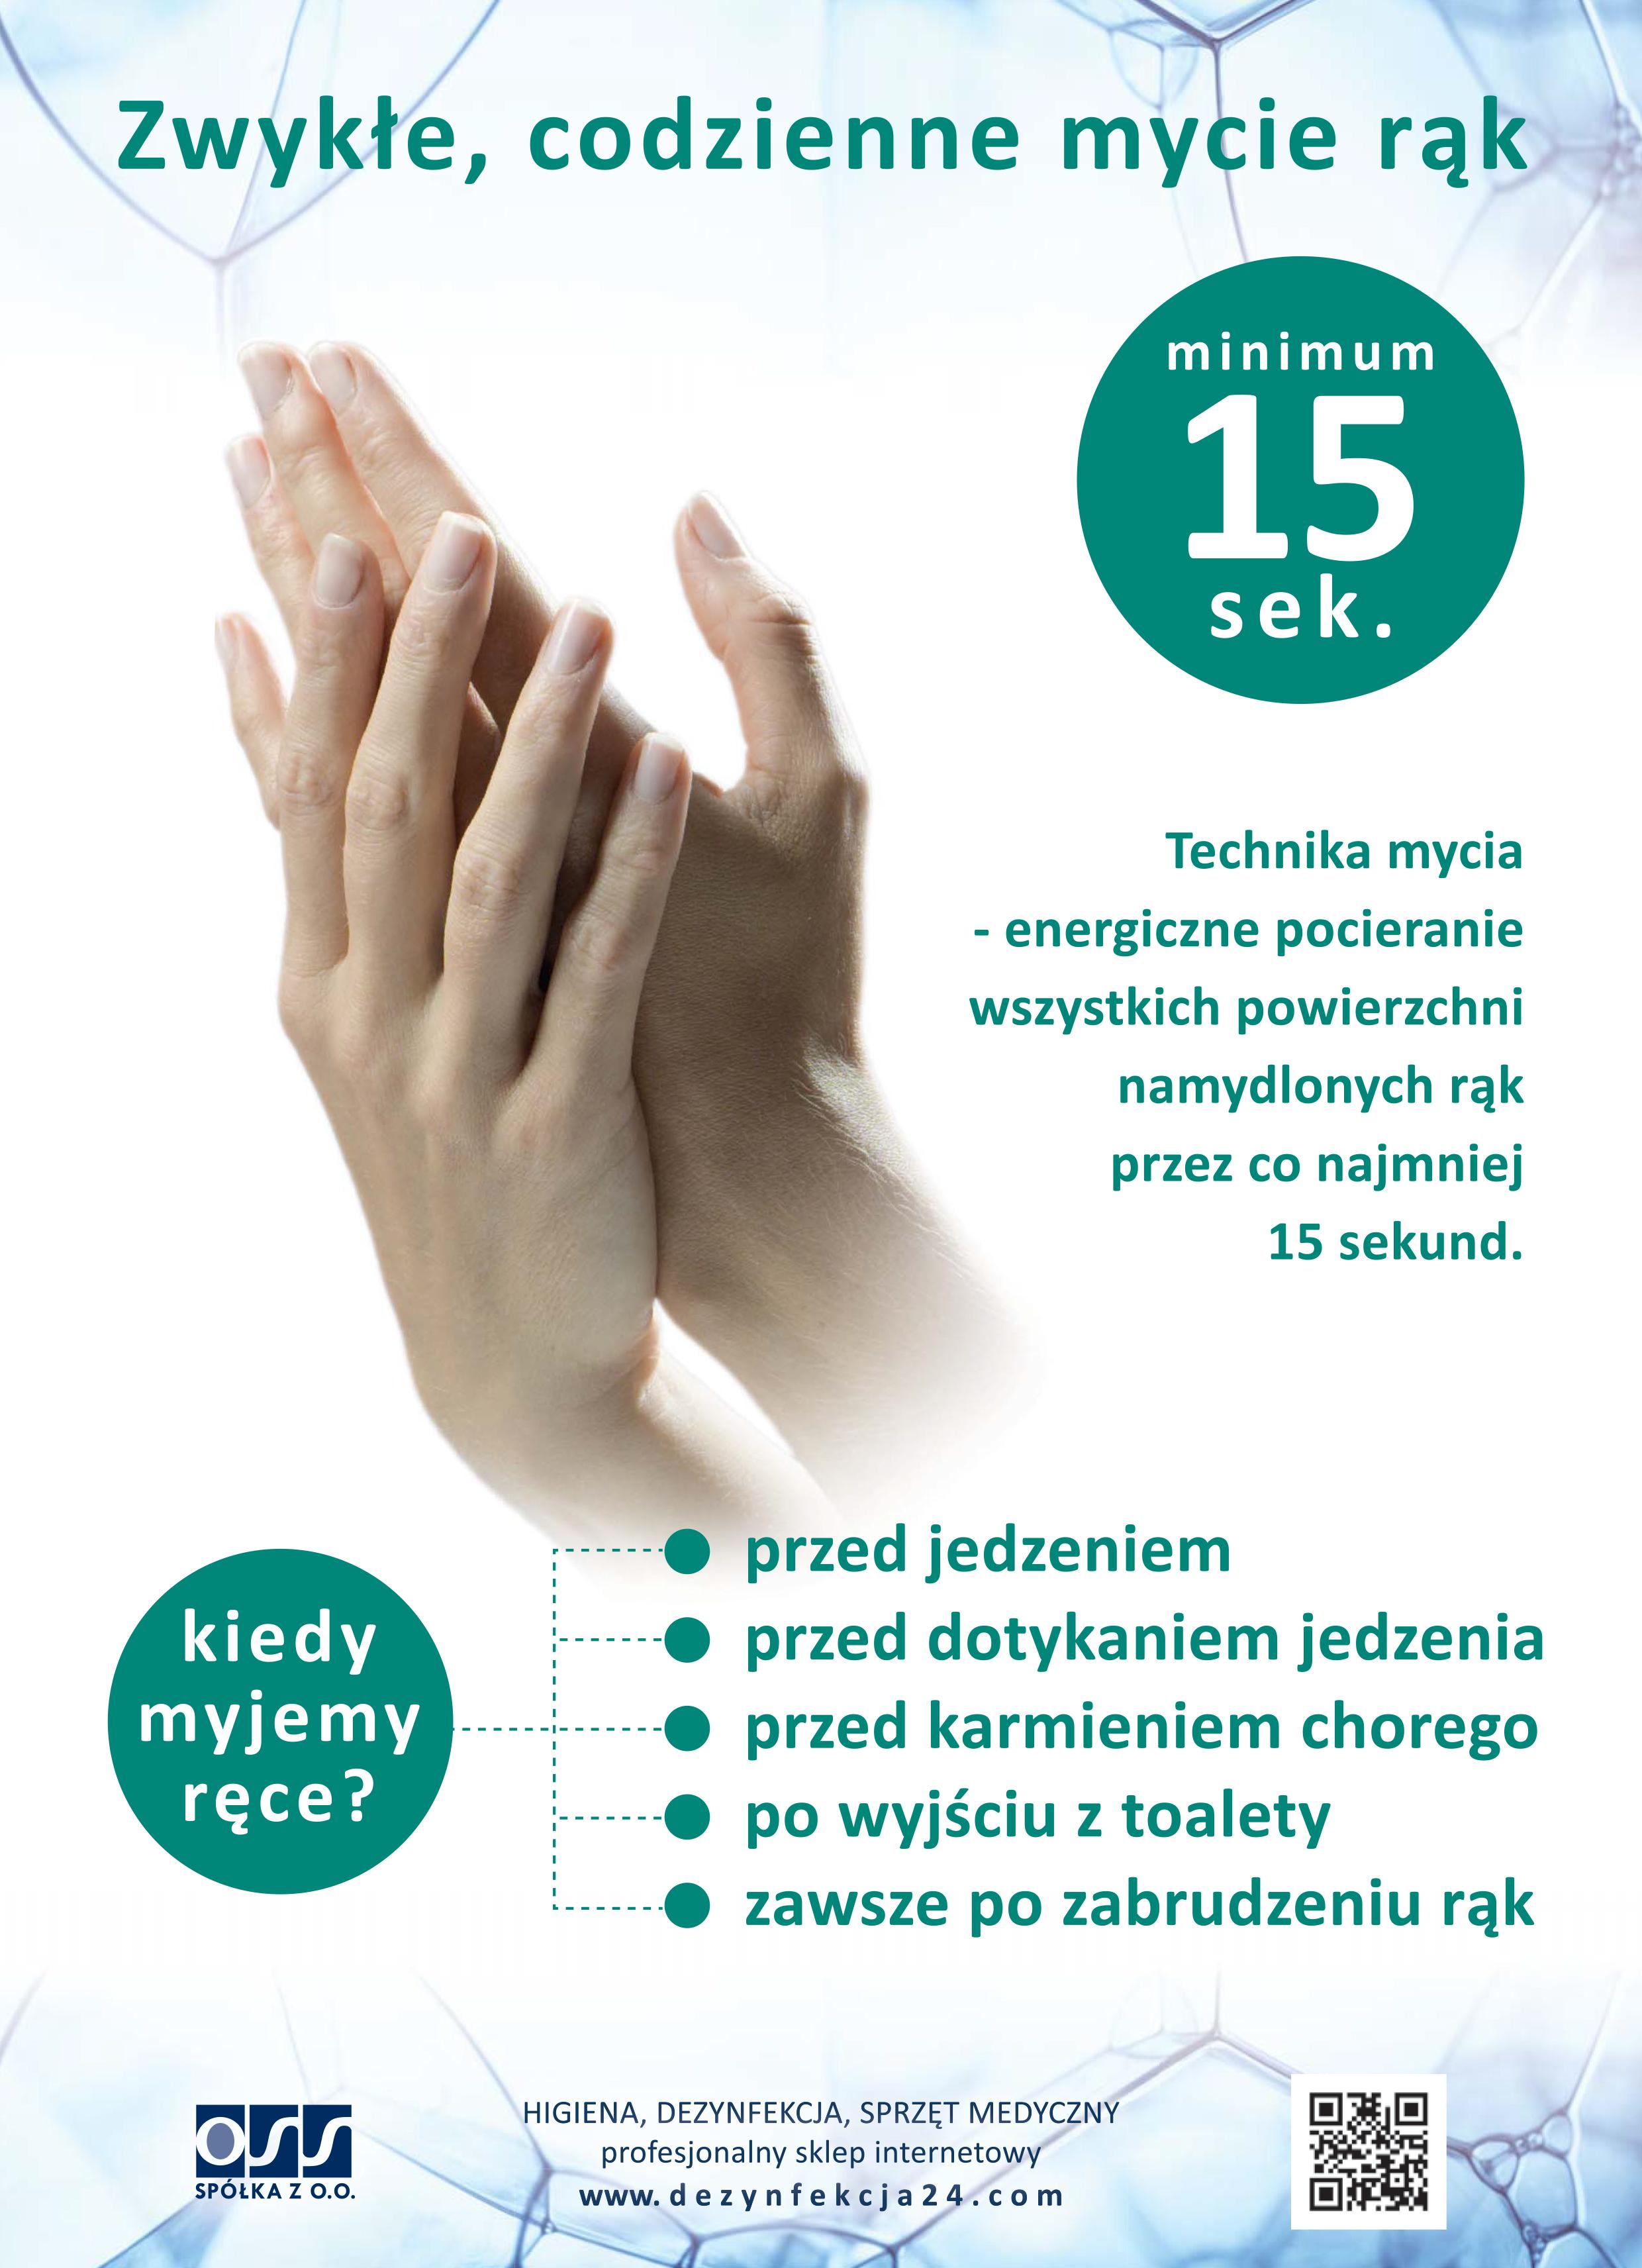 Instrukcja zwykłego, codziennego mycia rąk